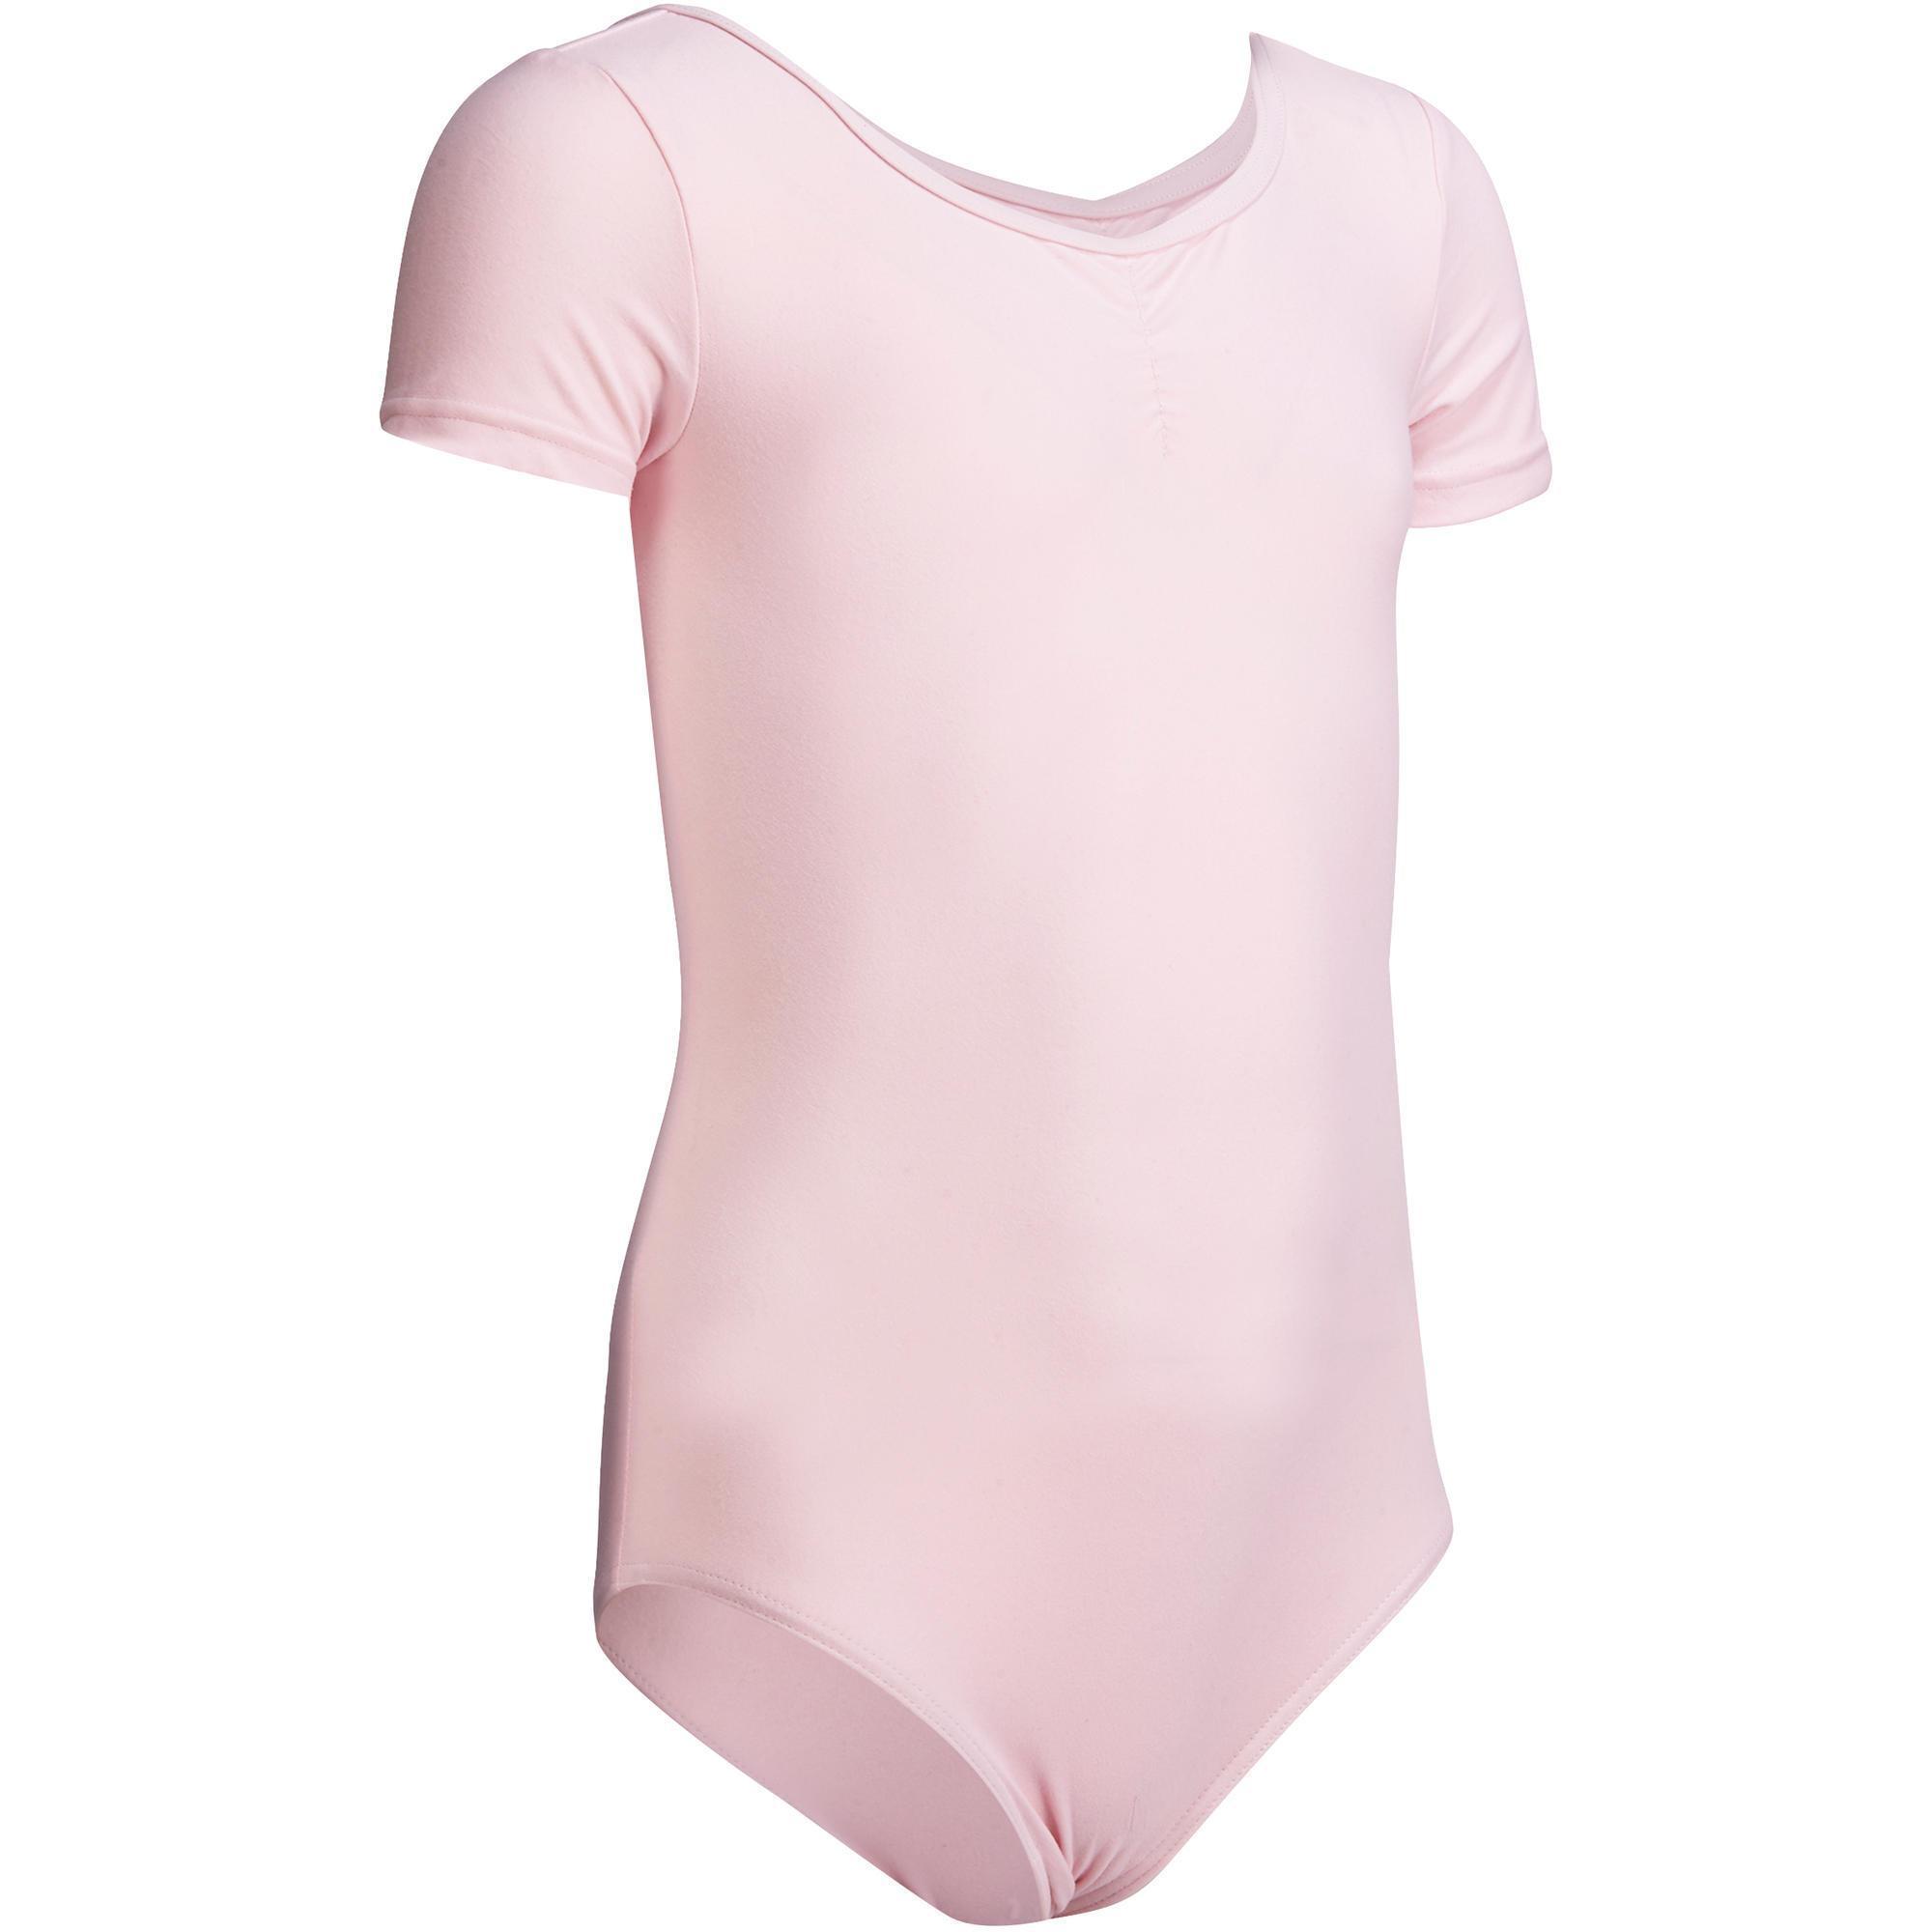 girls shortsleeved ballet leotard light pink domyos